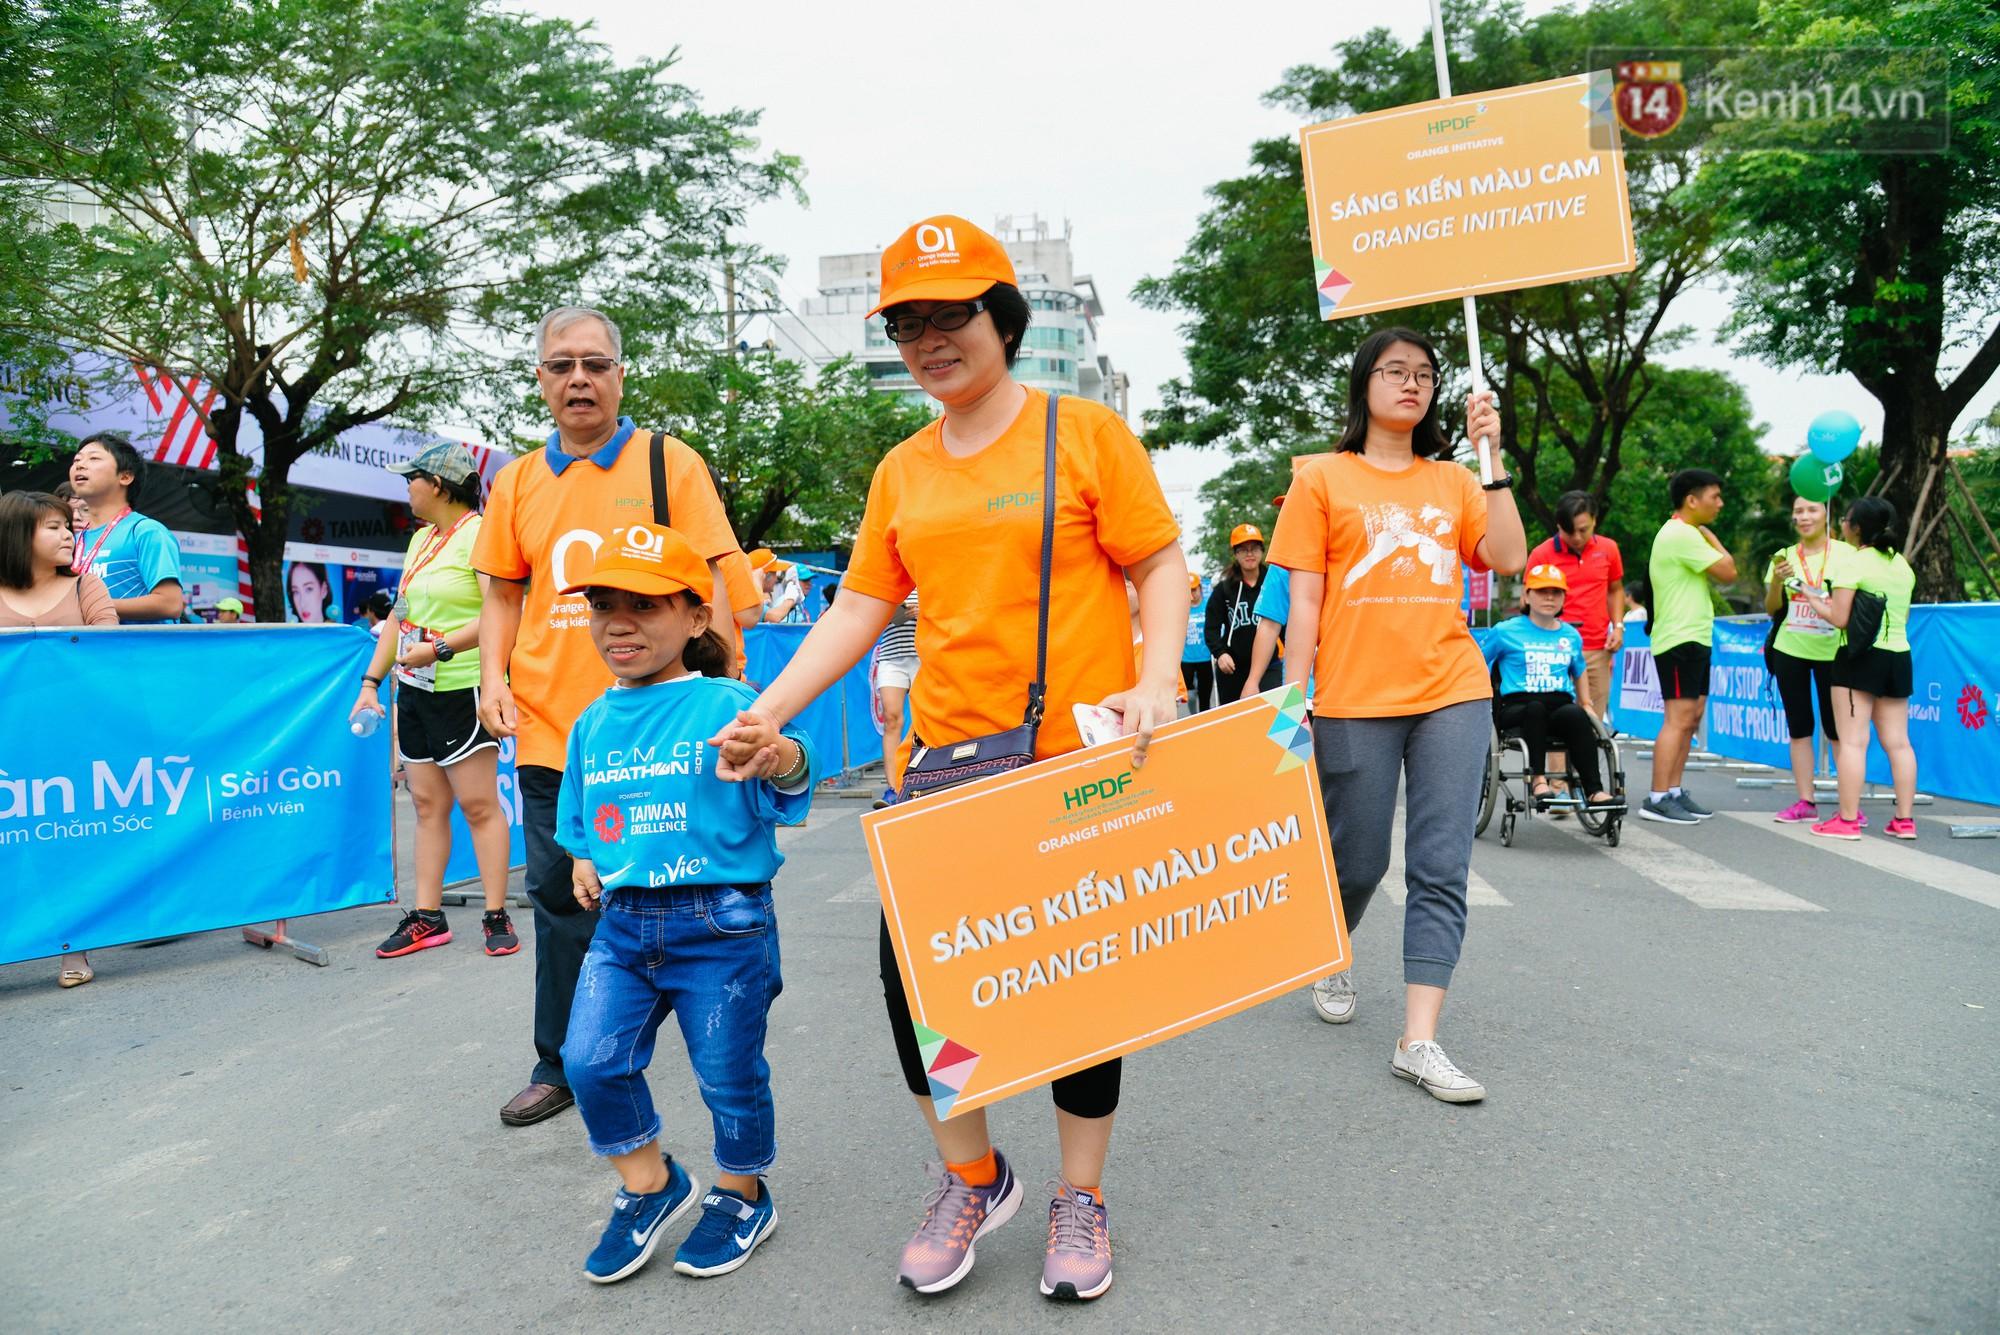 Đường đua 5km và câu chuyện vượt lên chính mình của những người khuyết tật ở Sài Gòn - Ảnh 2.